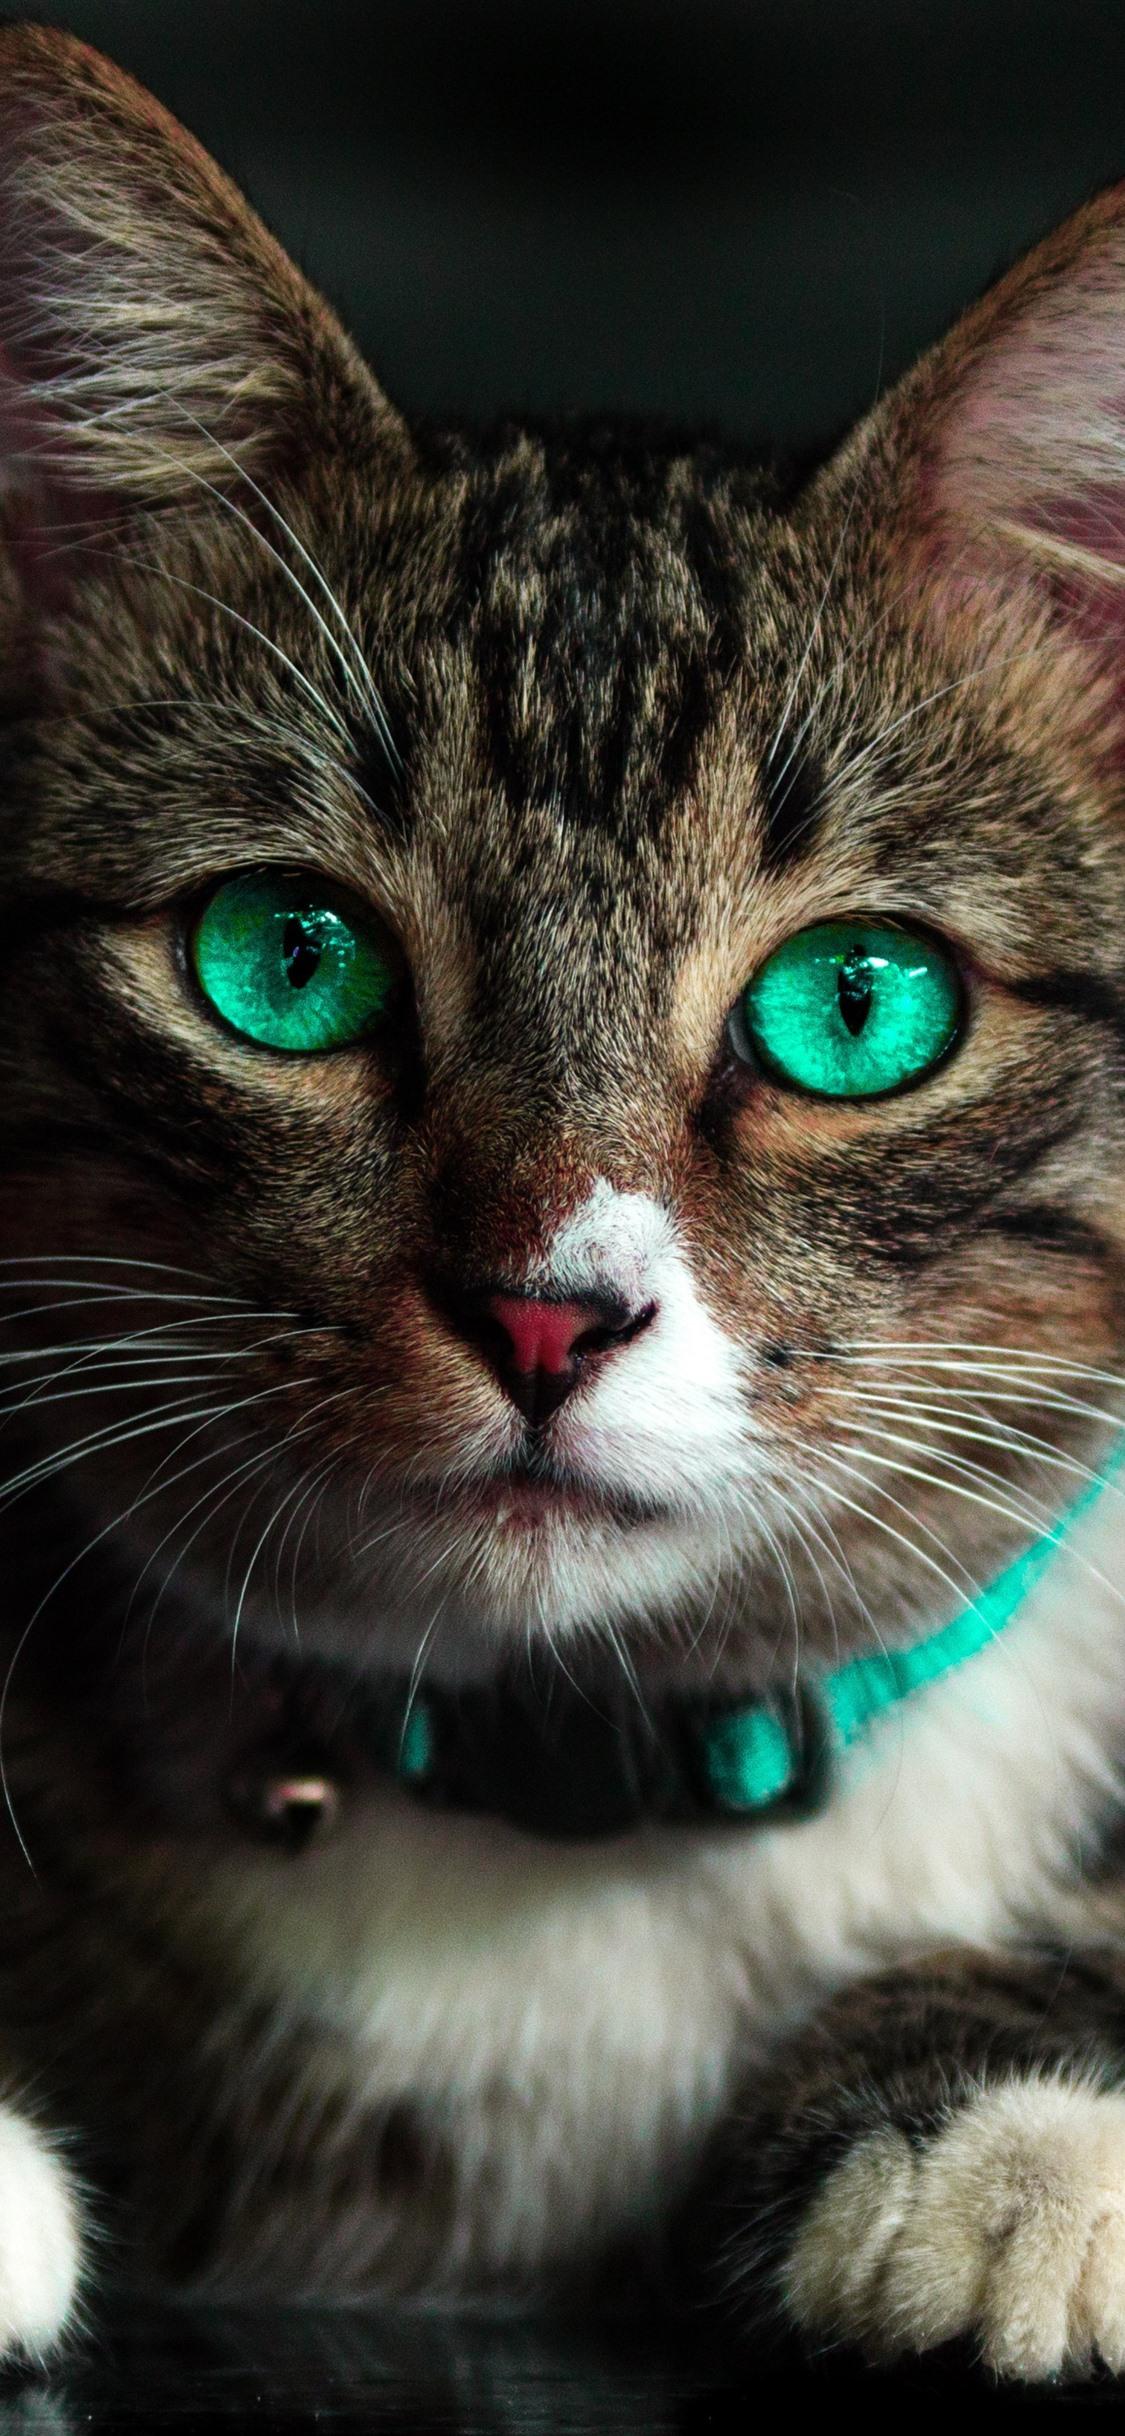 壁紙 かわいい猫があなたを見て 顔 緑色の目 3840x2160 Uhd 4k 無料